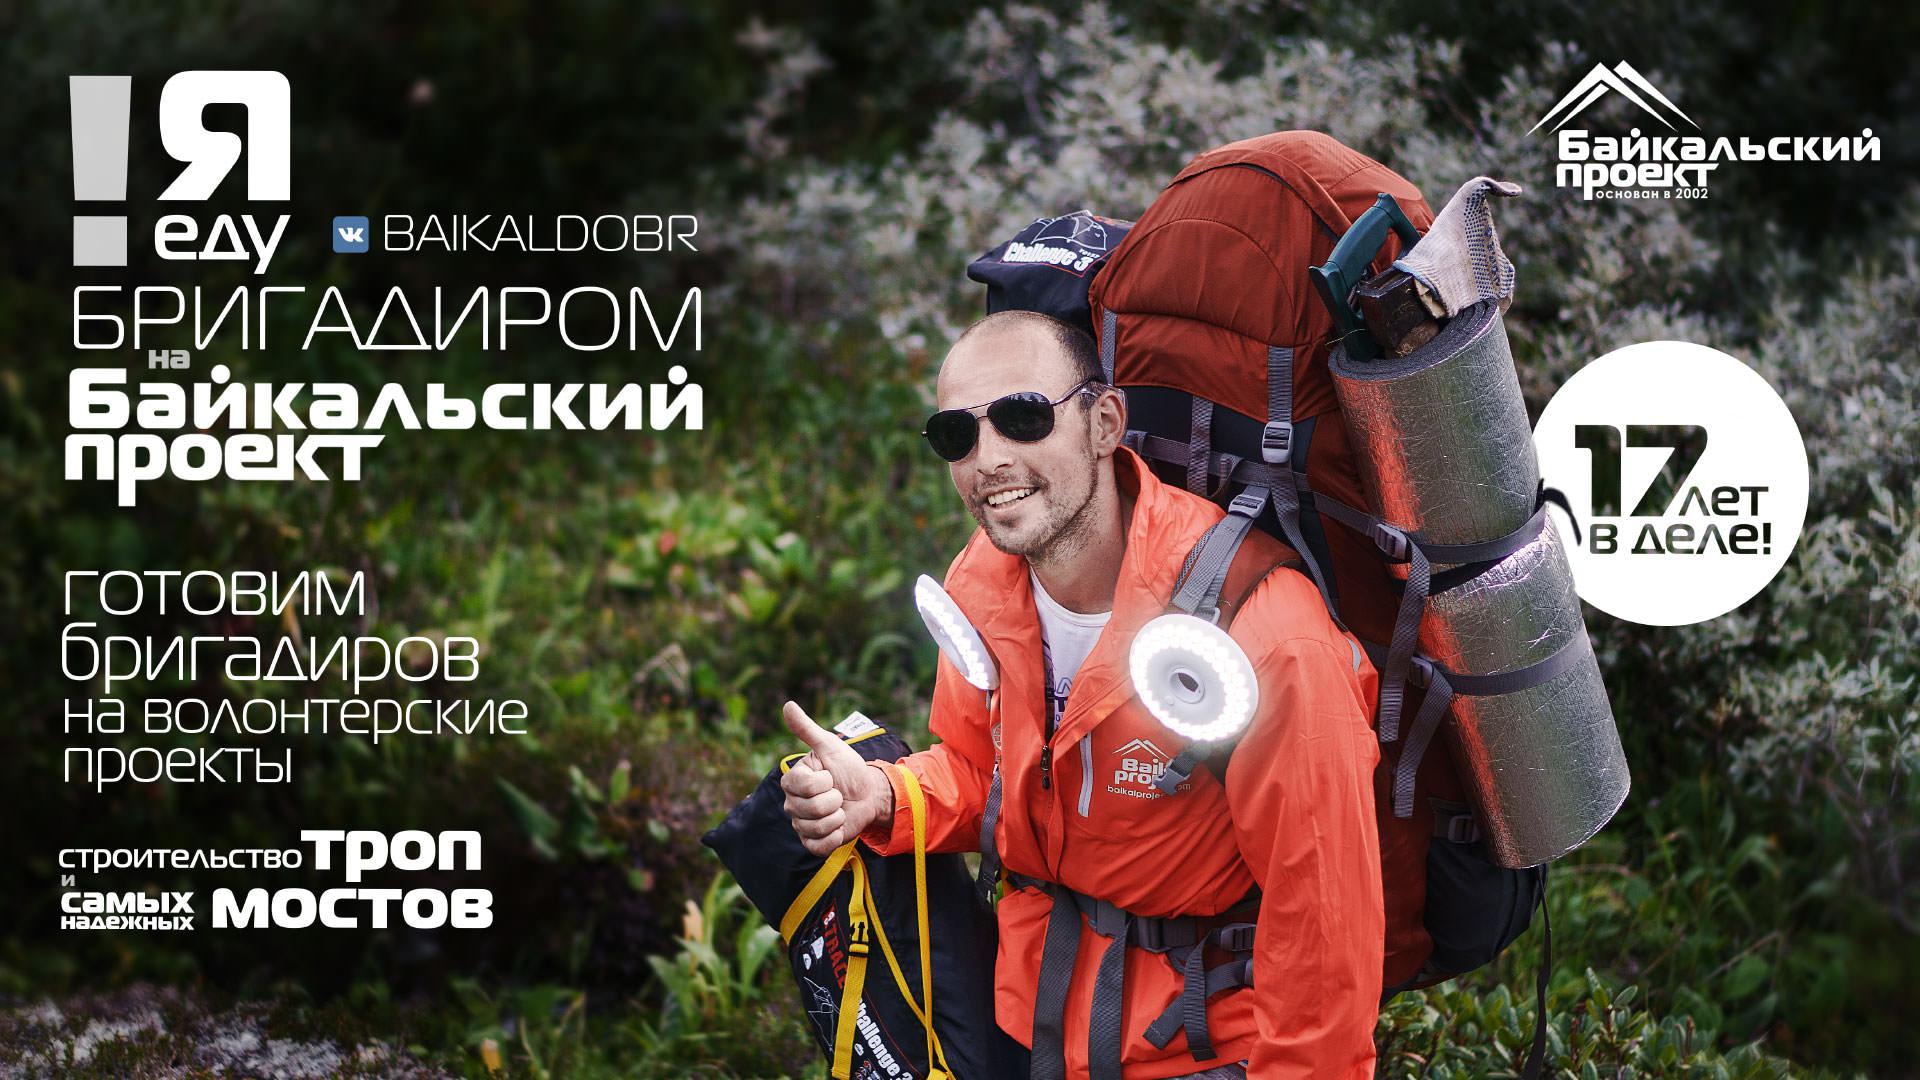 Бригадир на Байкальском проекте